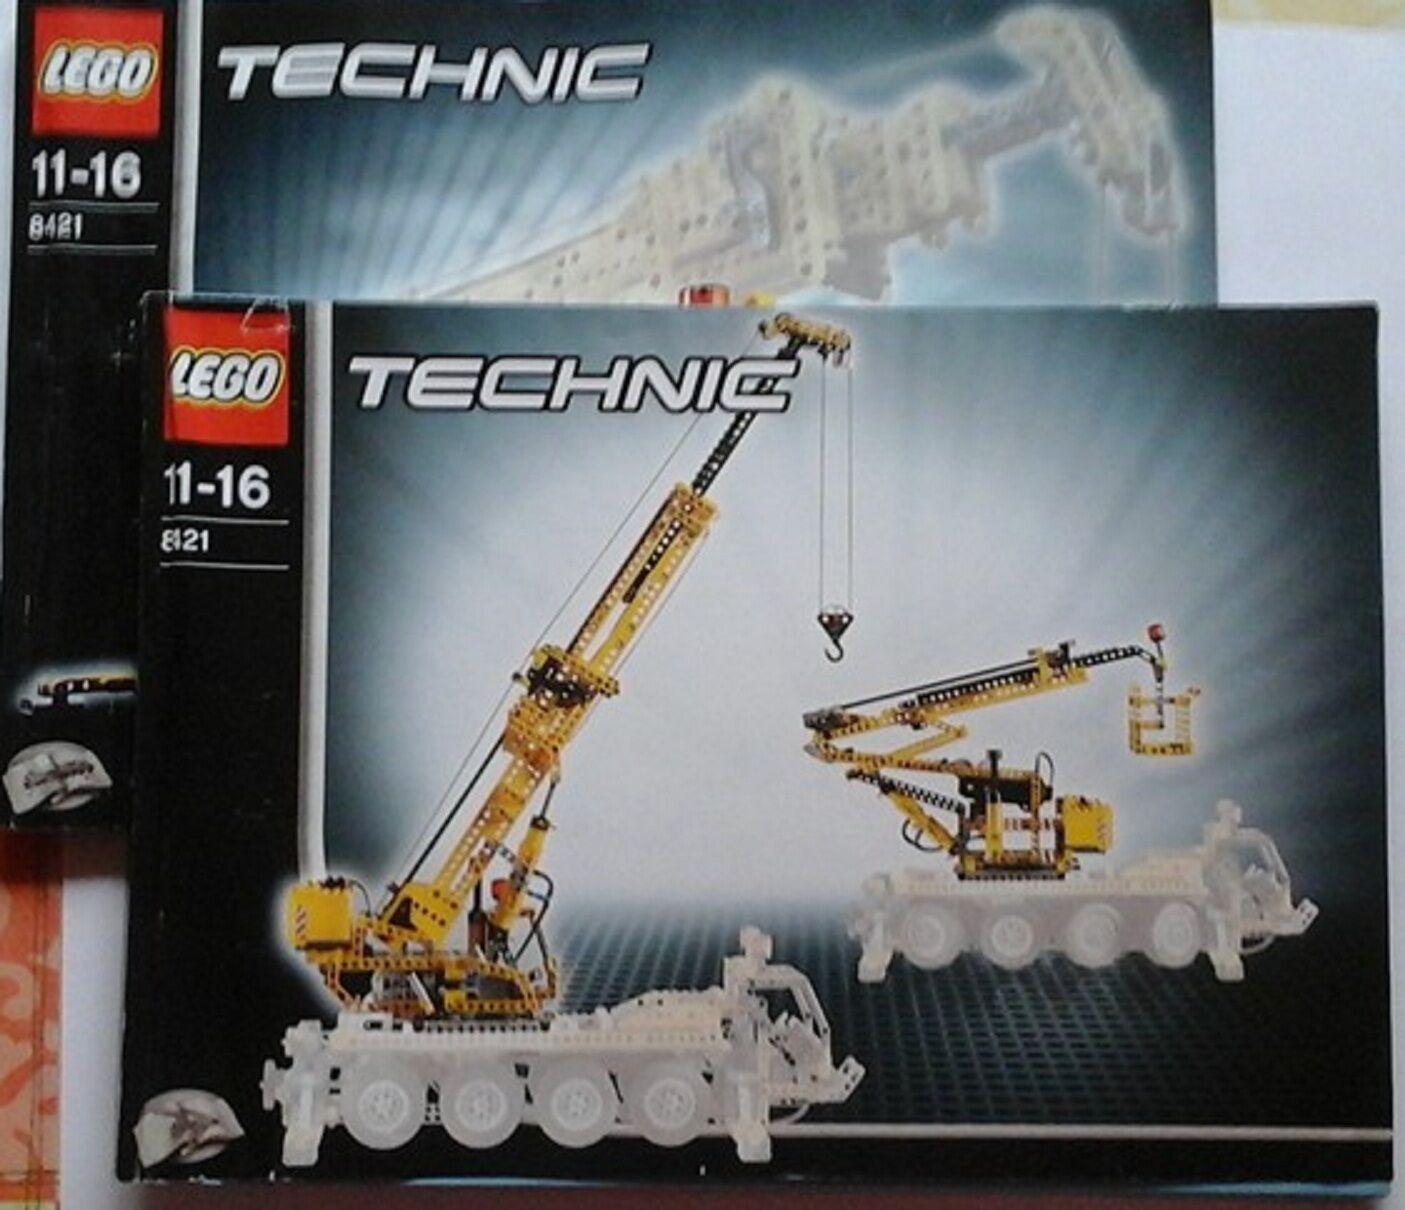 Lego Technic 8421 utilitaires utilitaires utilitaires avec de recette  moteur d9ae42